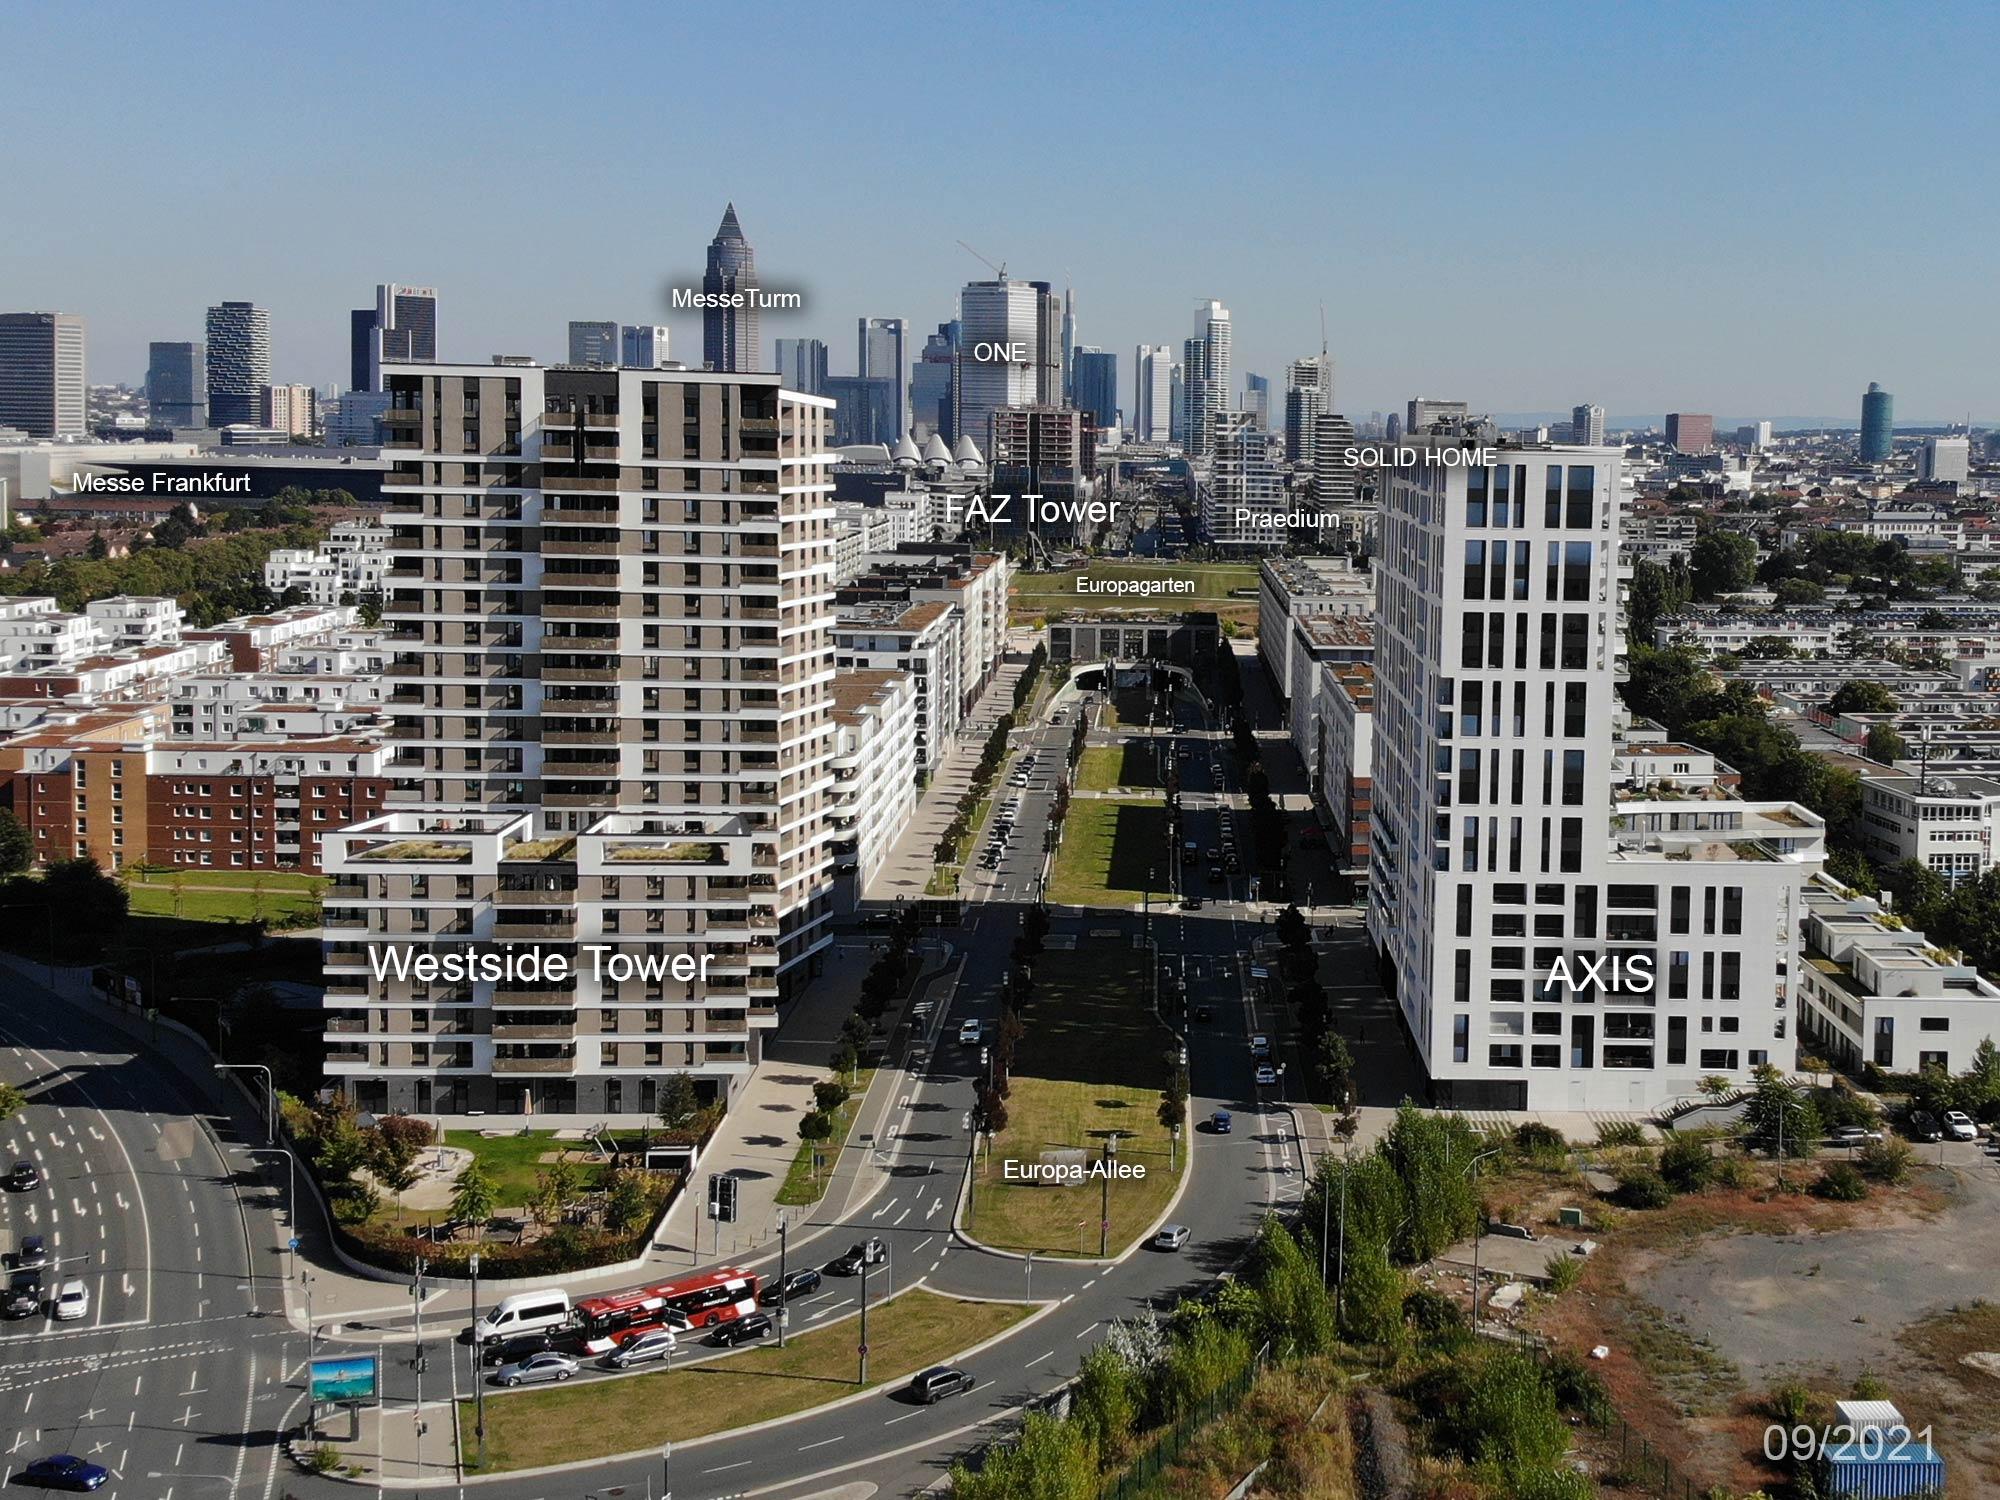 Westside Tower - AXIS - Europa-Allee in Frankfurt am Main - Panorama Frankfurt - September 2021 - Europaviertel - Wohnungen - Eigentumswohnungen kaufen